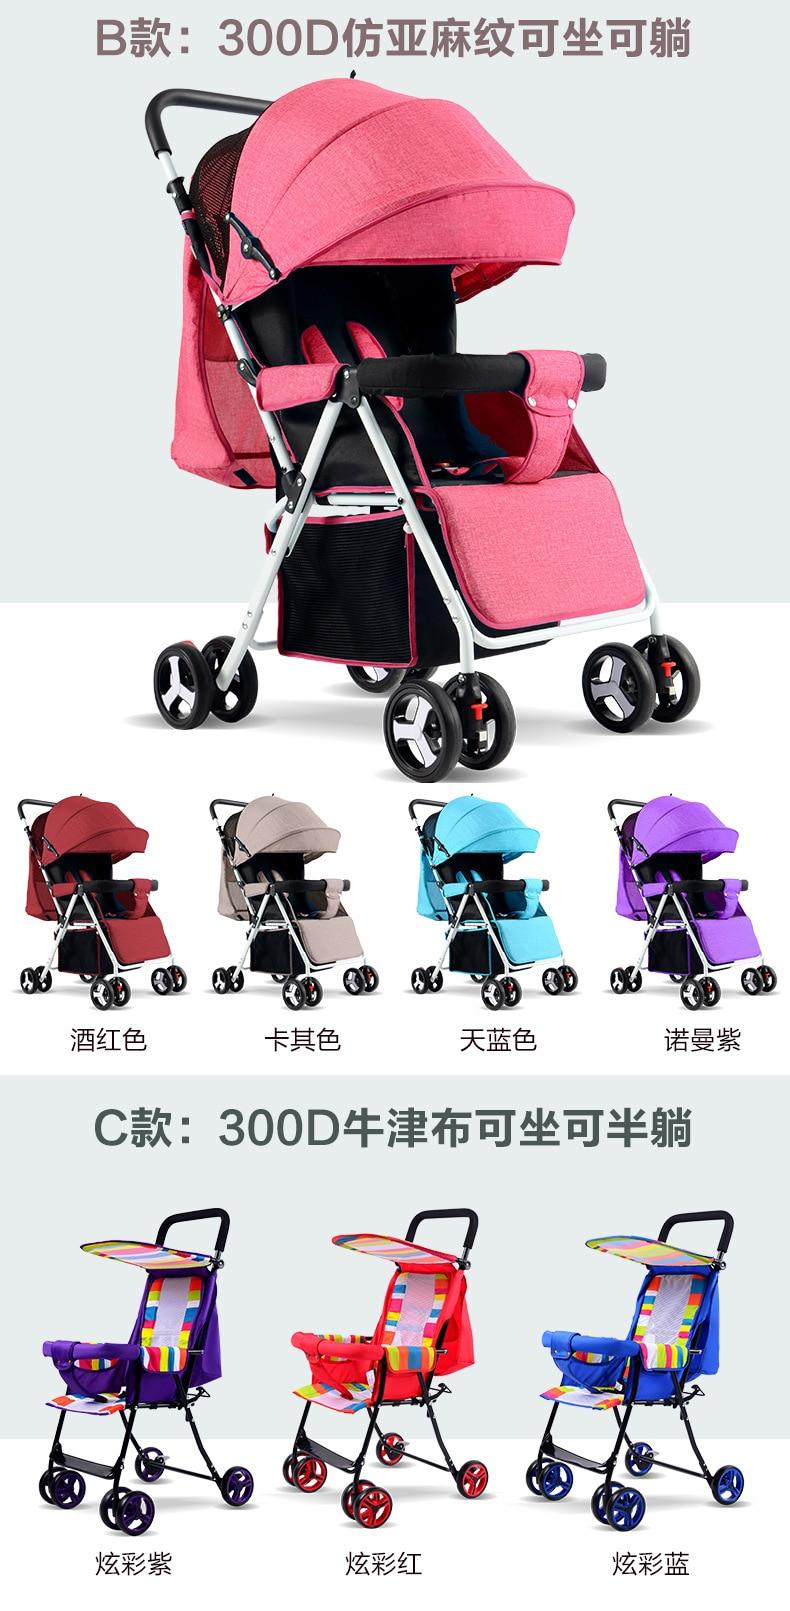 Carrinho de bebê ultra leve e fácil